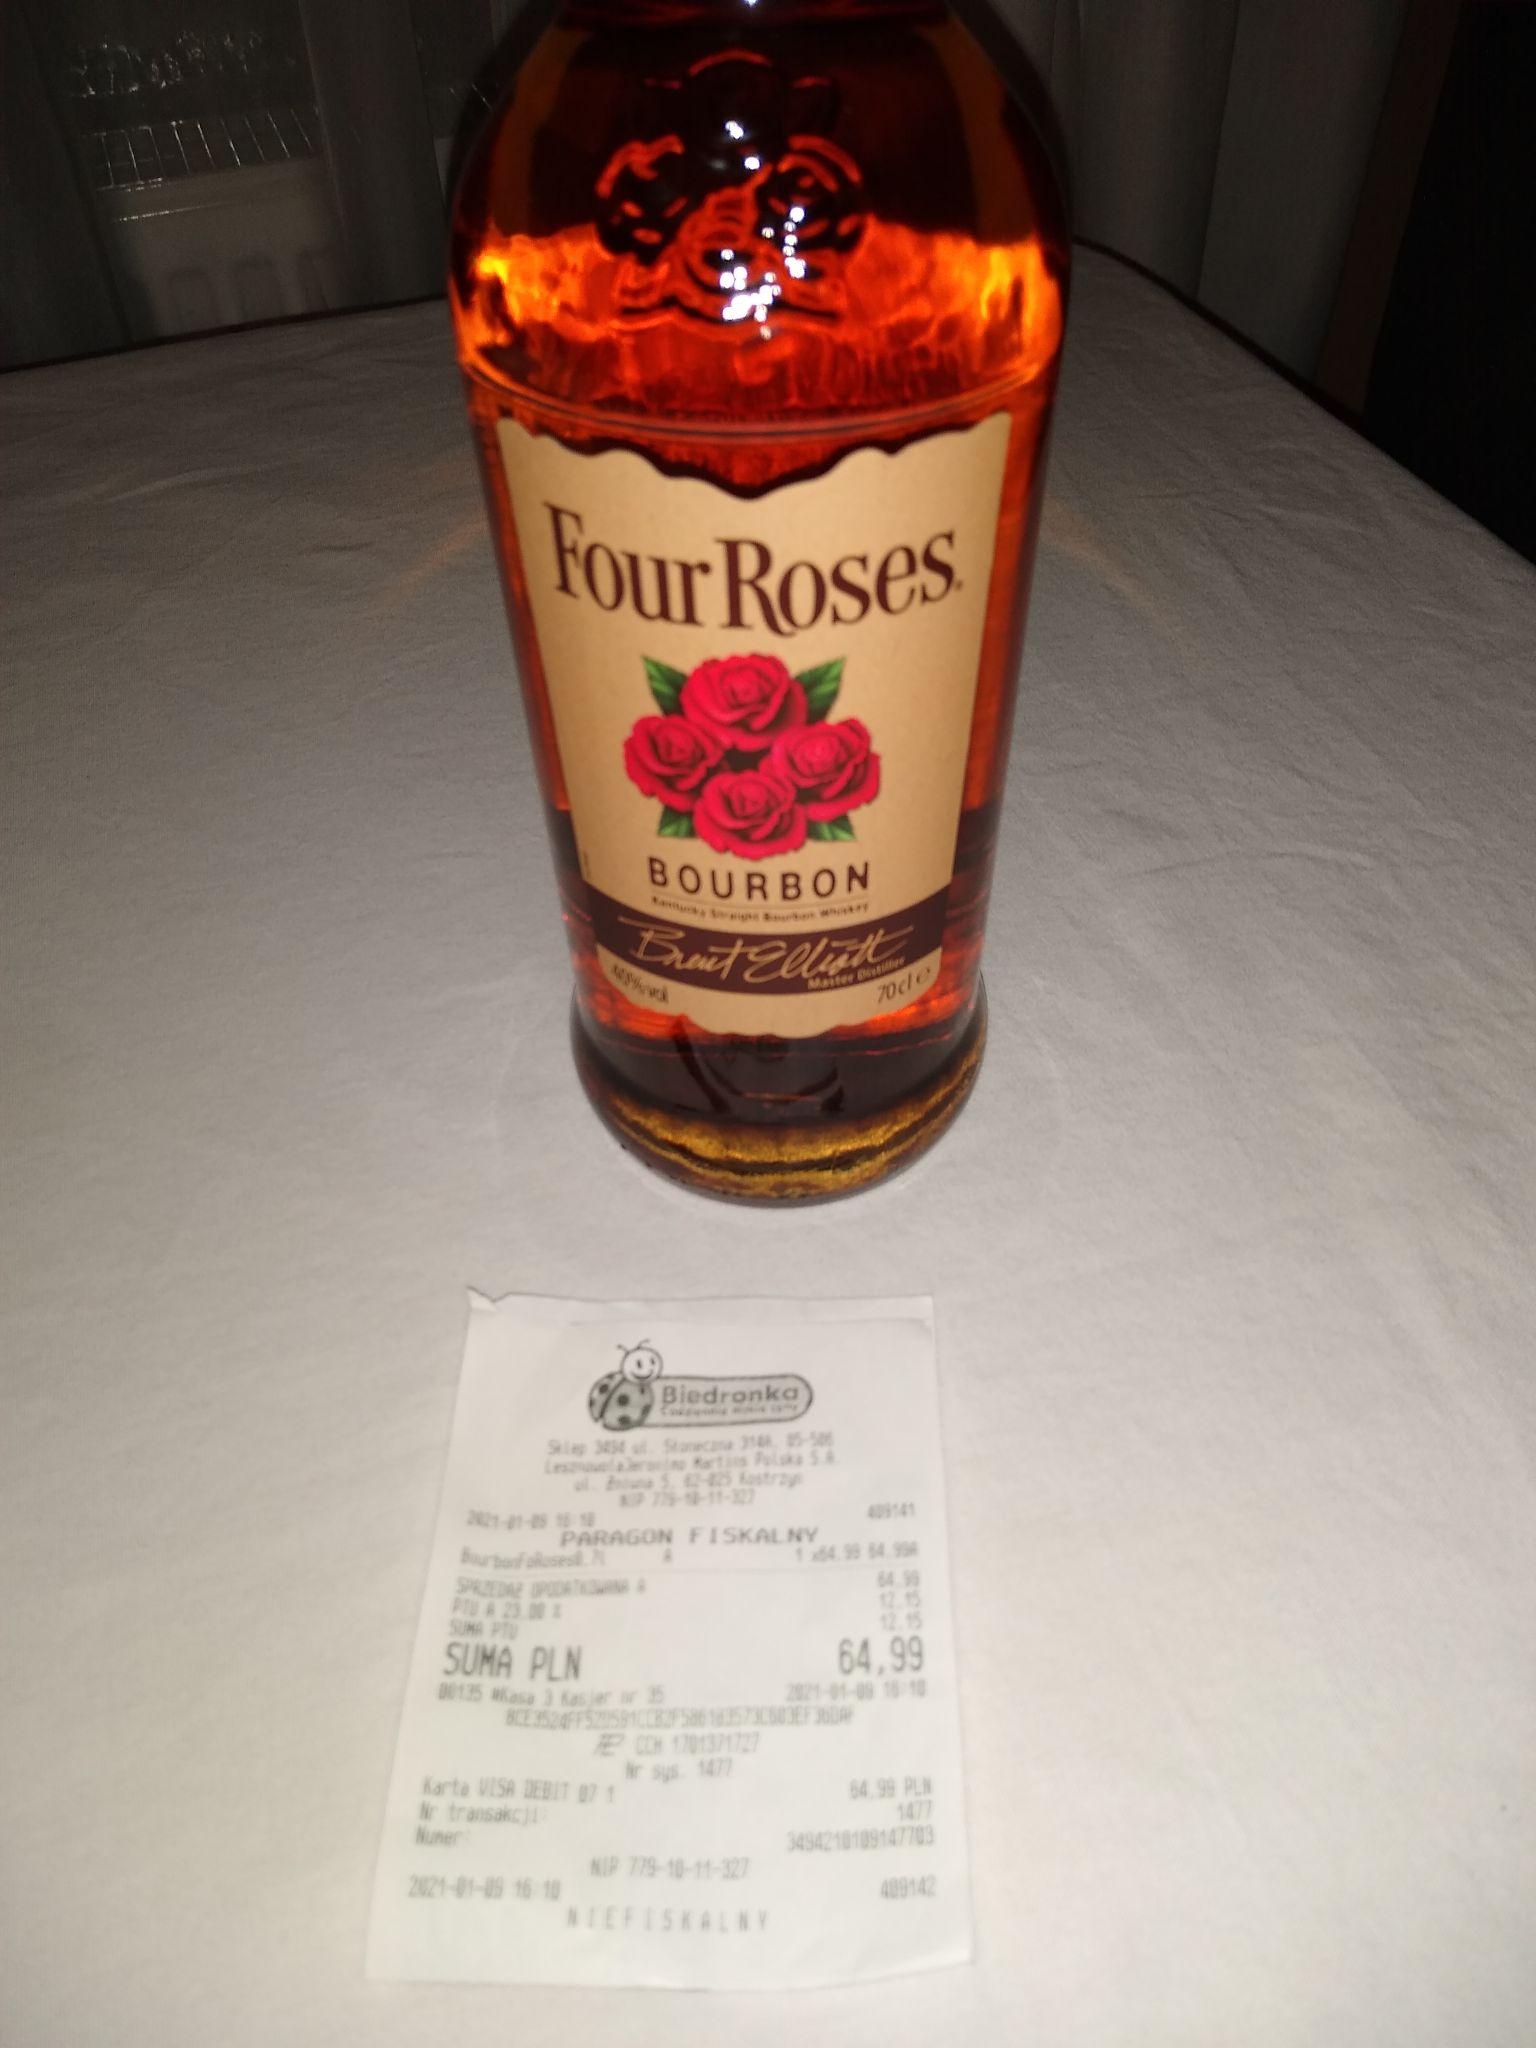 Four Roses bourbon zakupiony w Biedronce w Magdalence.